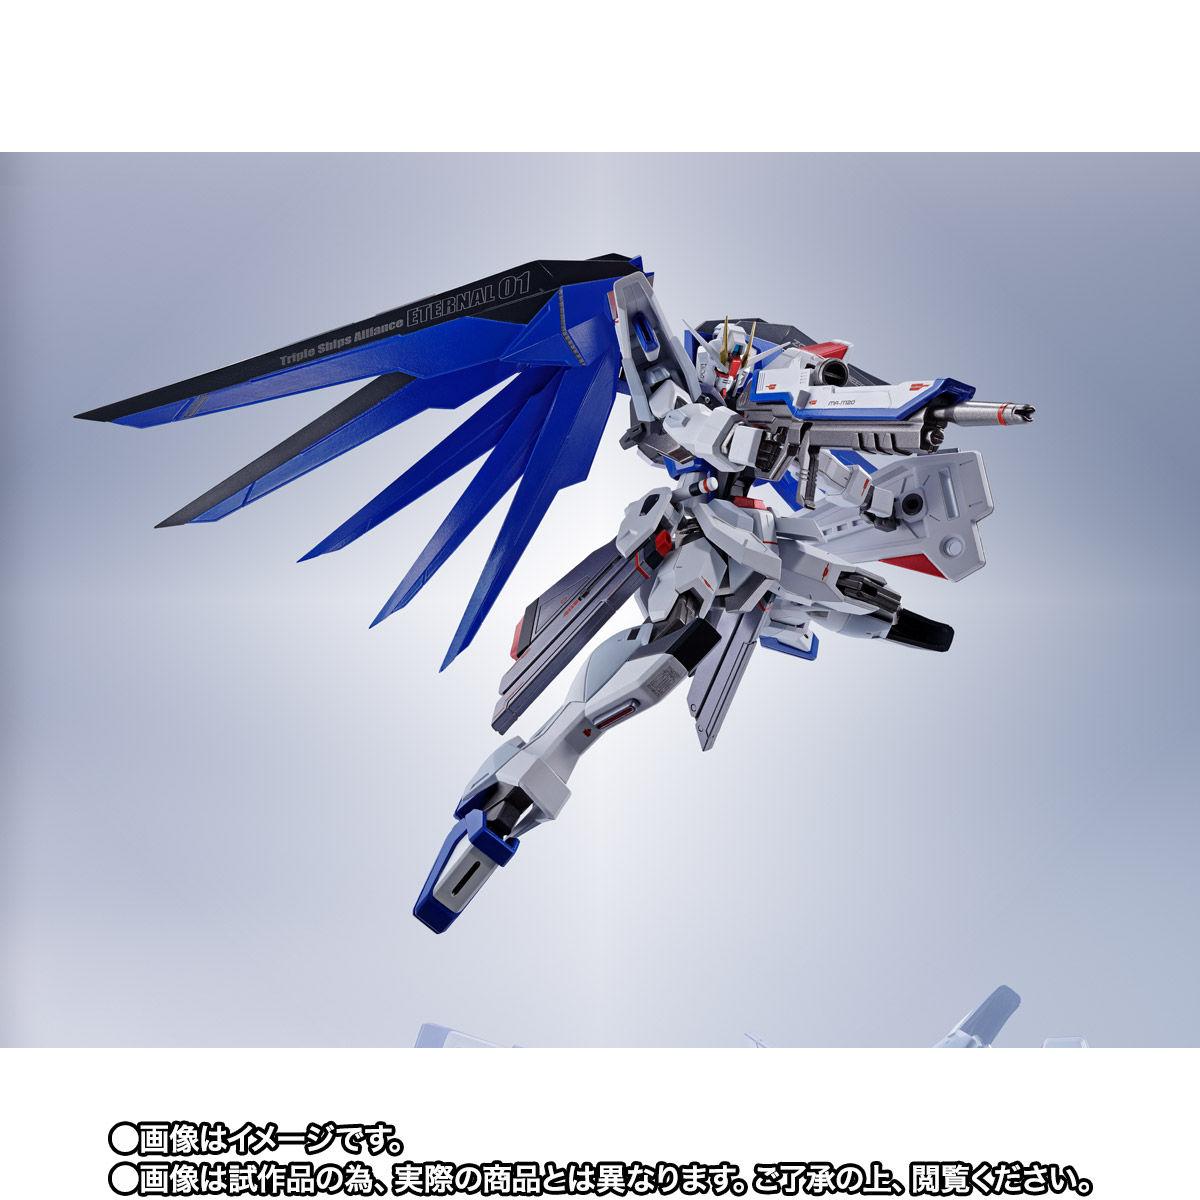 【限定販売】METAL ROBOT魂〈SIDE MS〉『フリーダムガンダム』ガンダムSEED 可動フィギュア-004